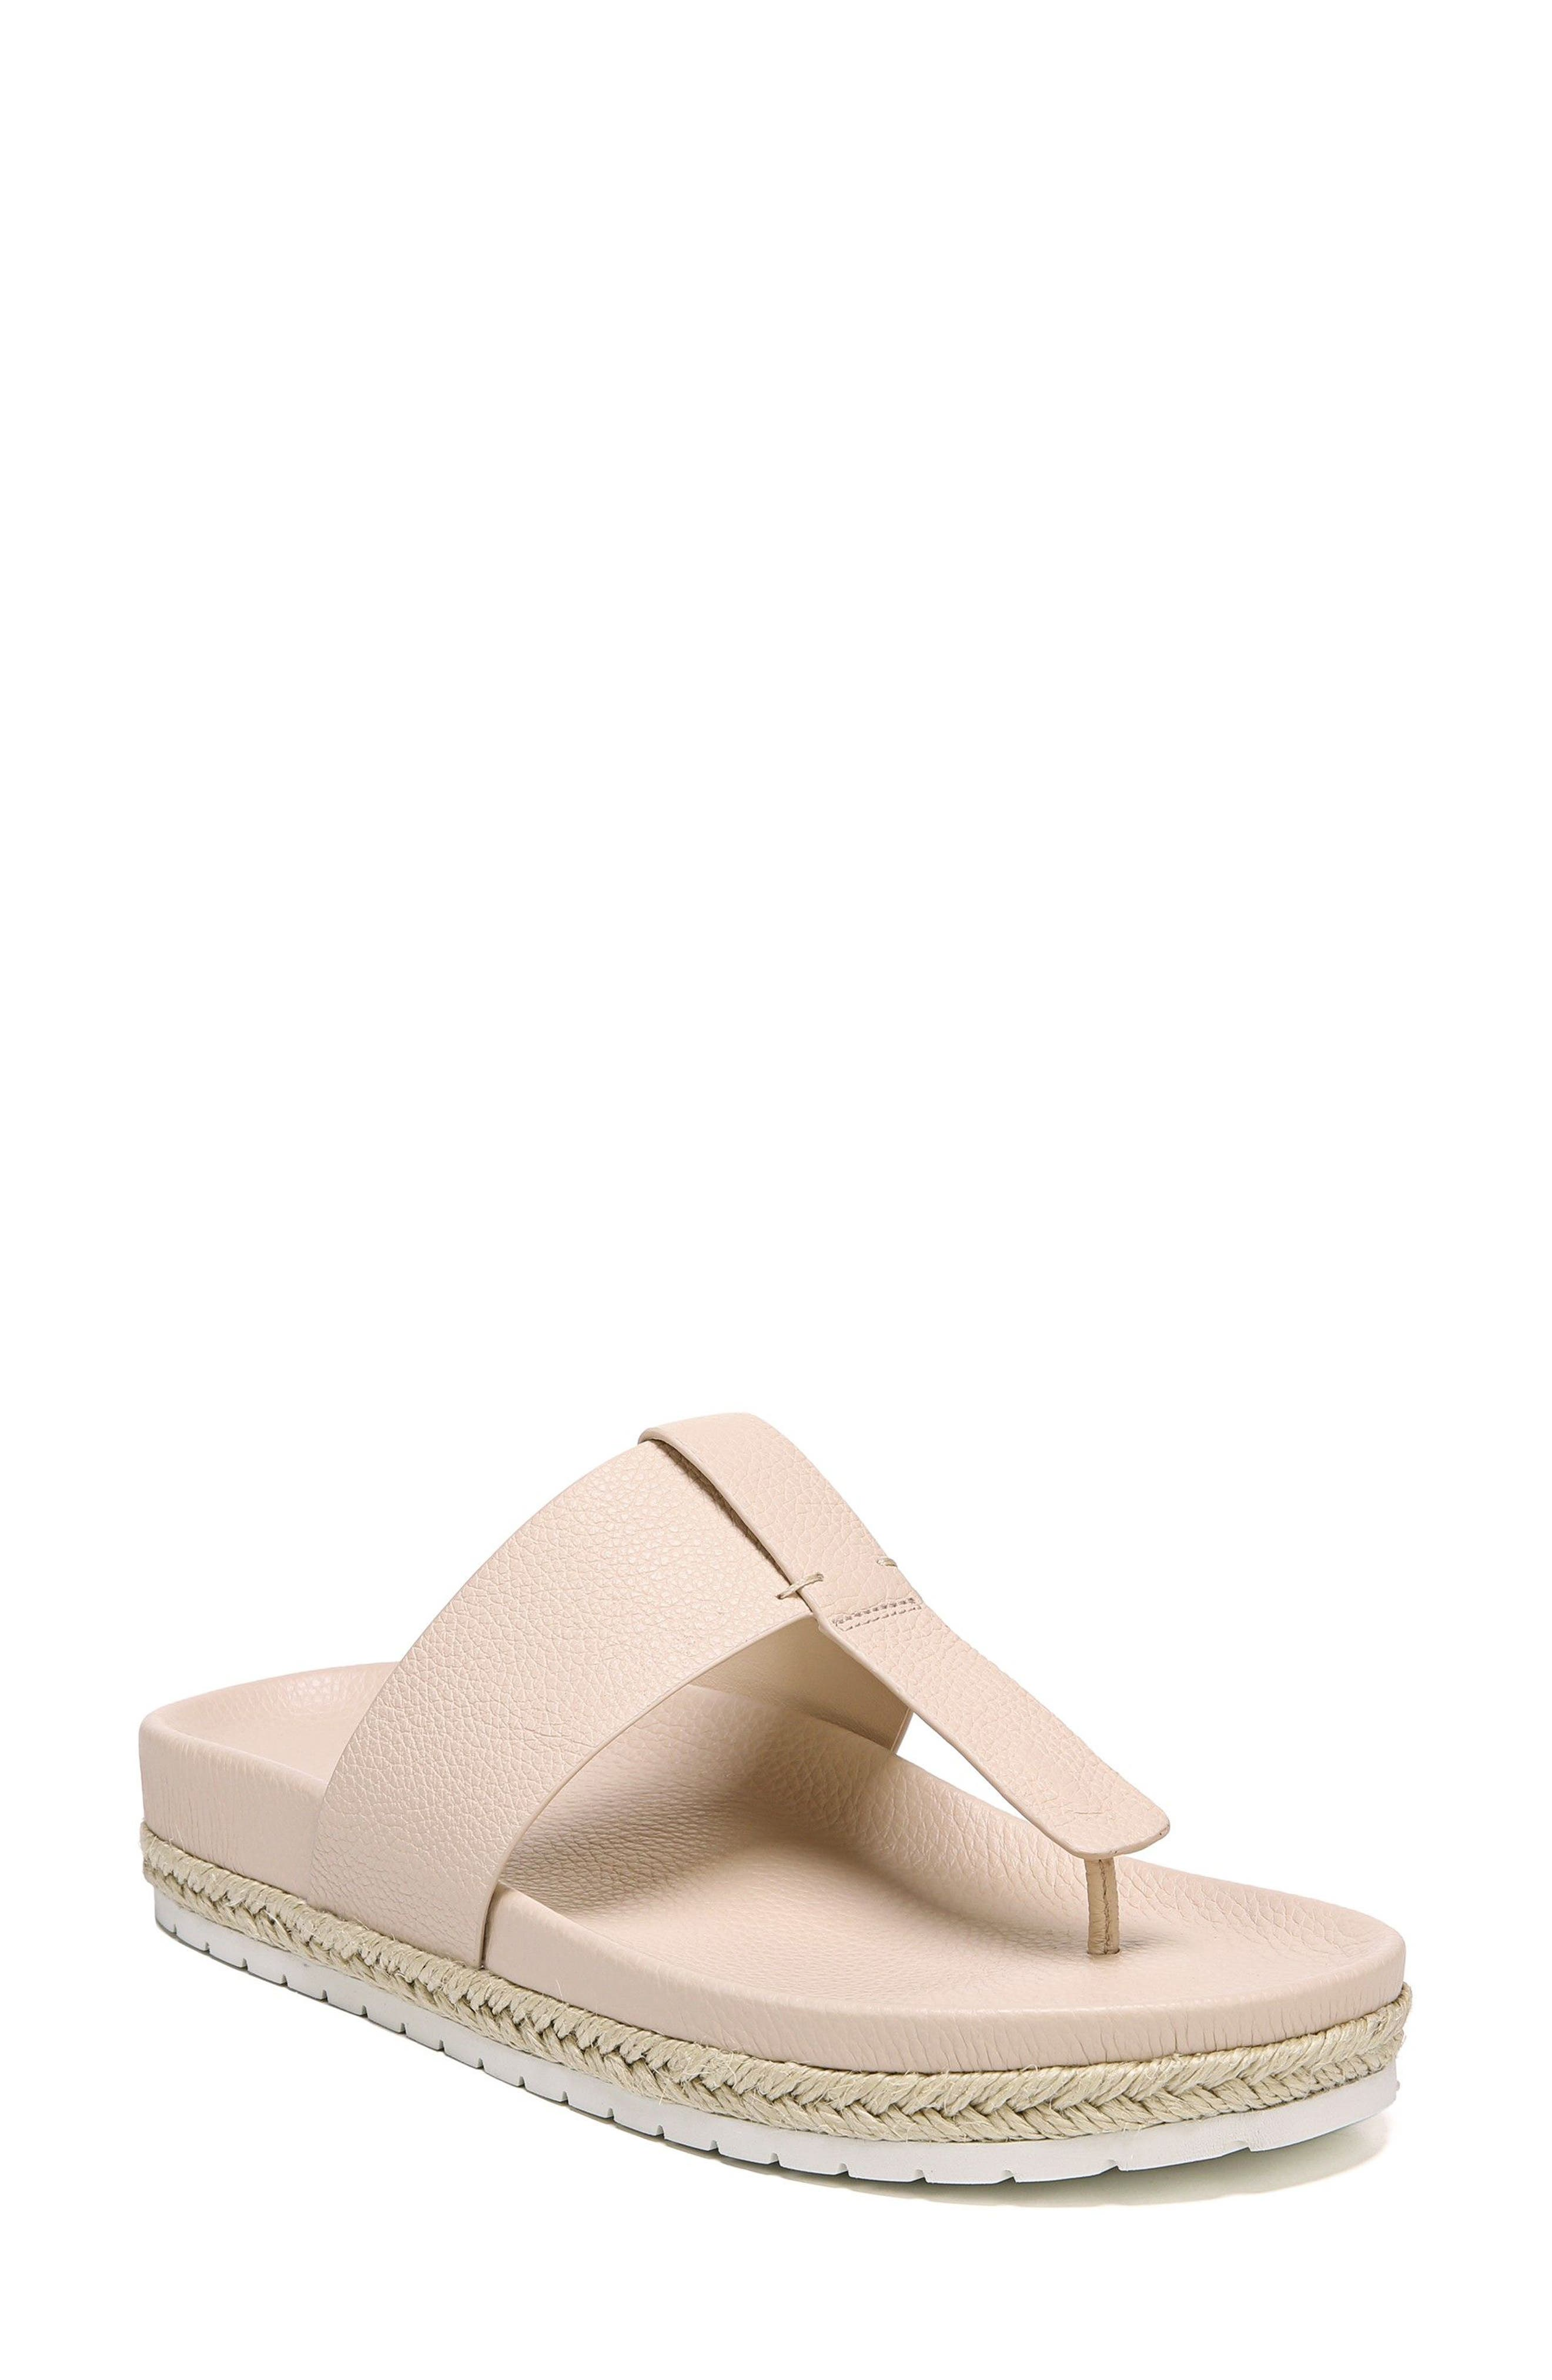 Avani T-Strap Flat Sandal,                             Main thumbnail 4, color,